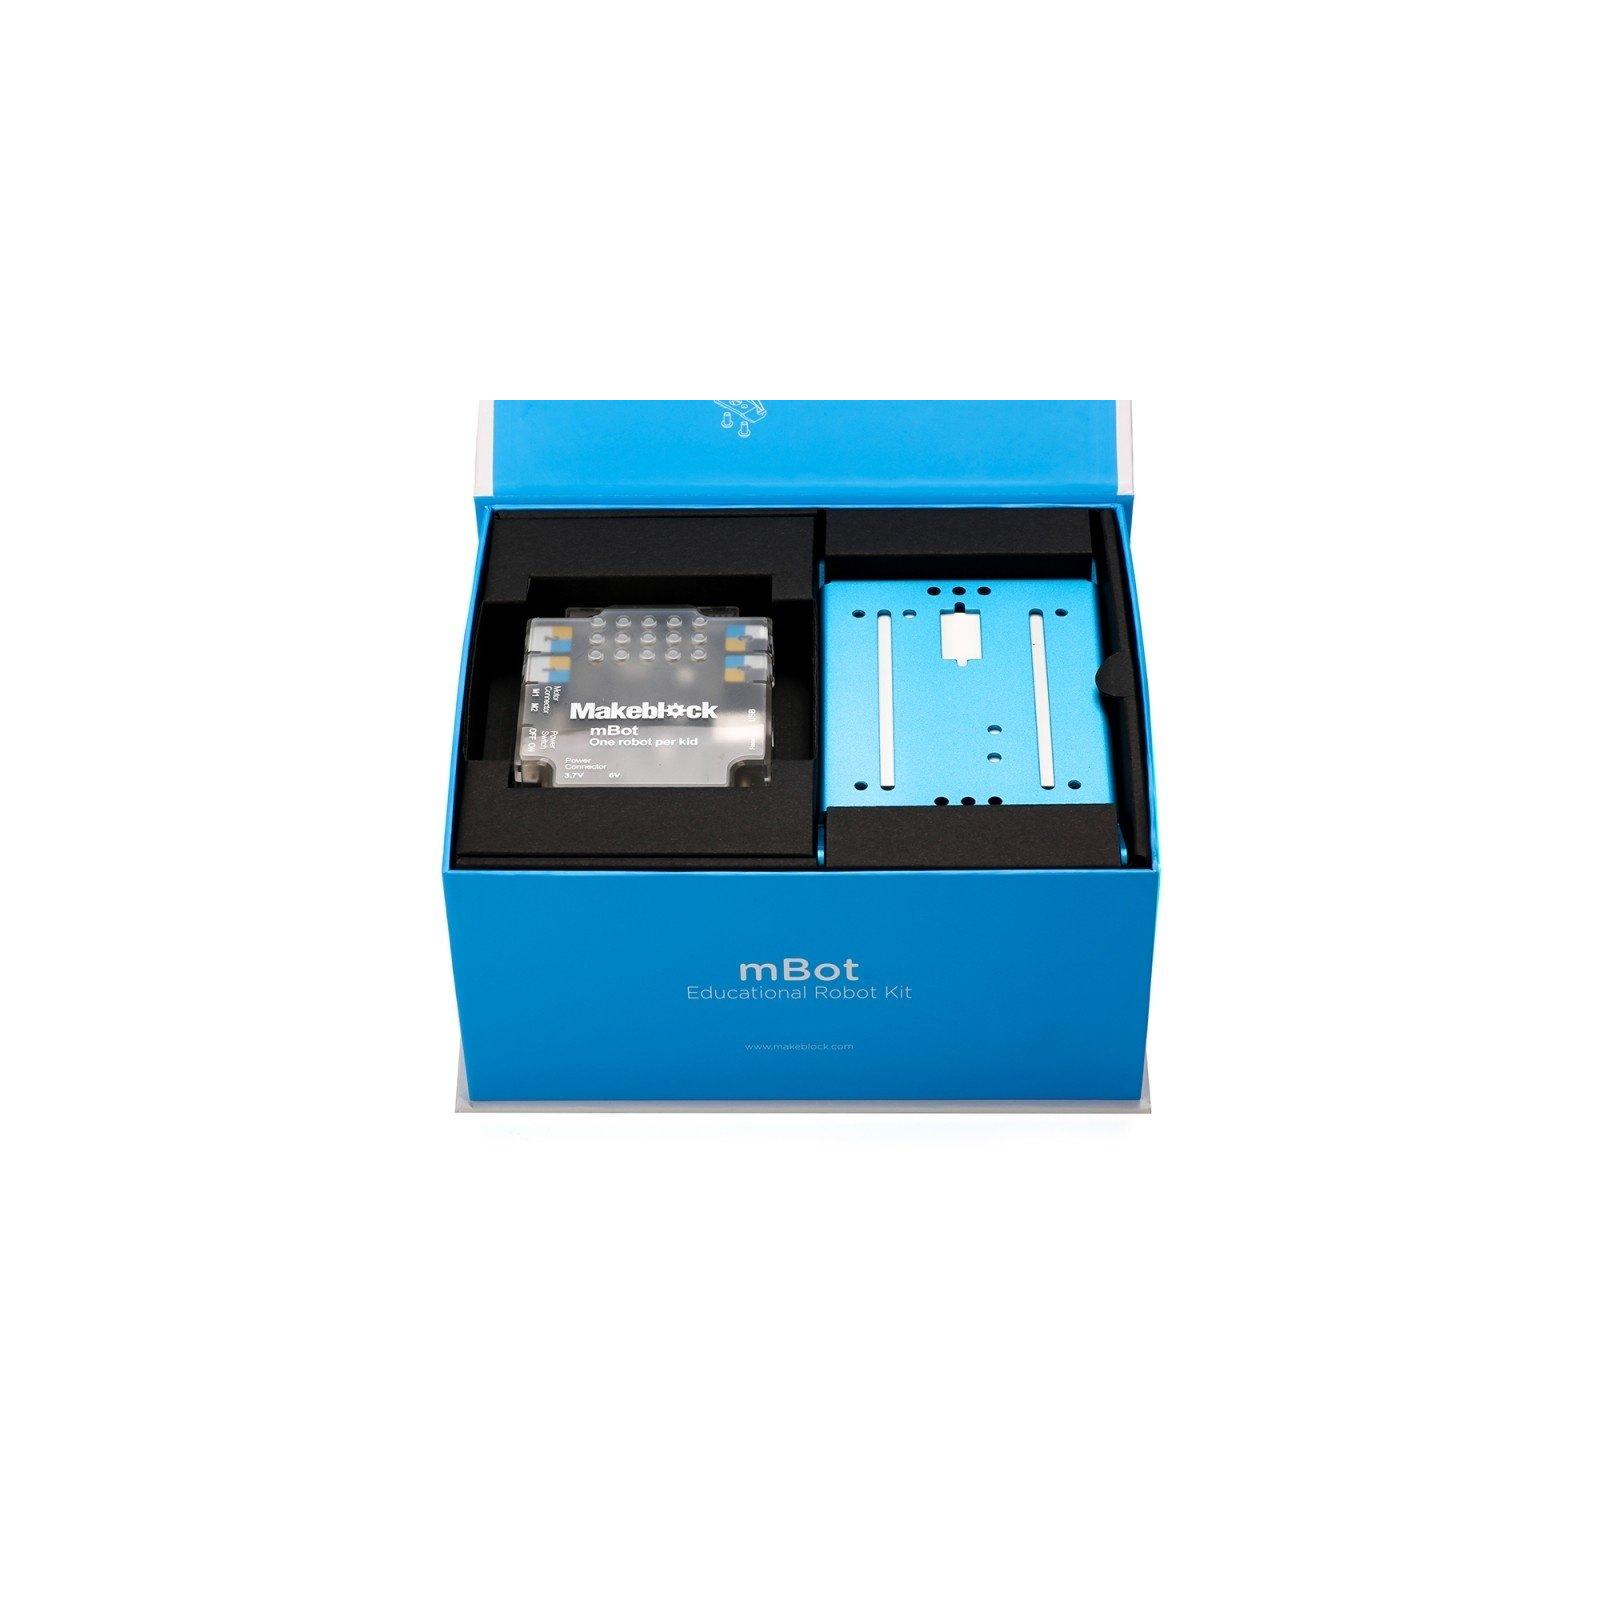 Робот Makeblock mBot v1.1 BT Blue (09.00.53) изображение 6